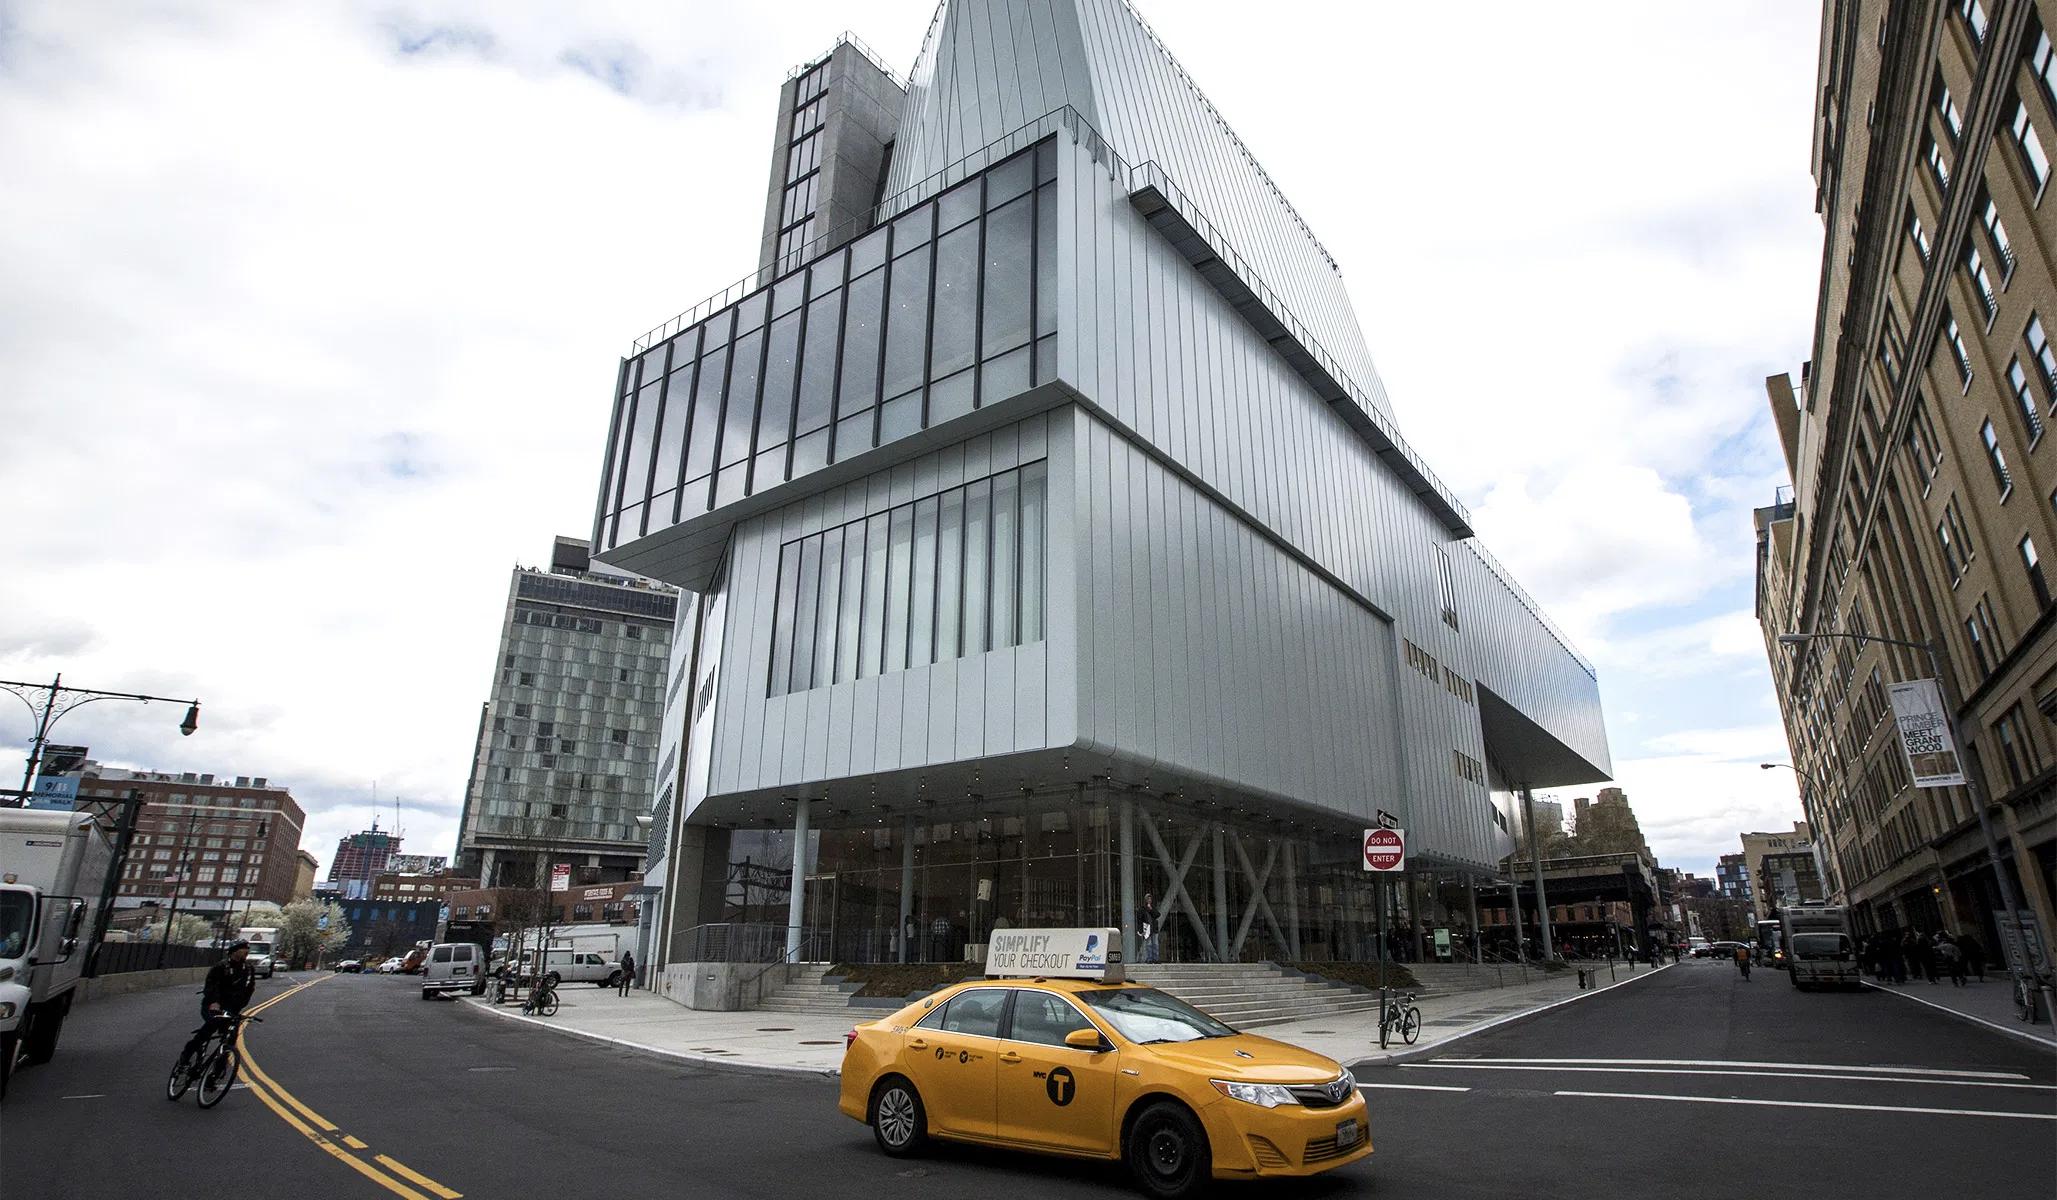 Музей Вітні посварився з художниками через виставку, присвячену BLM та COVID-19